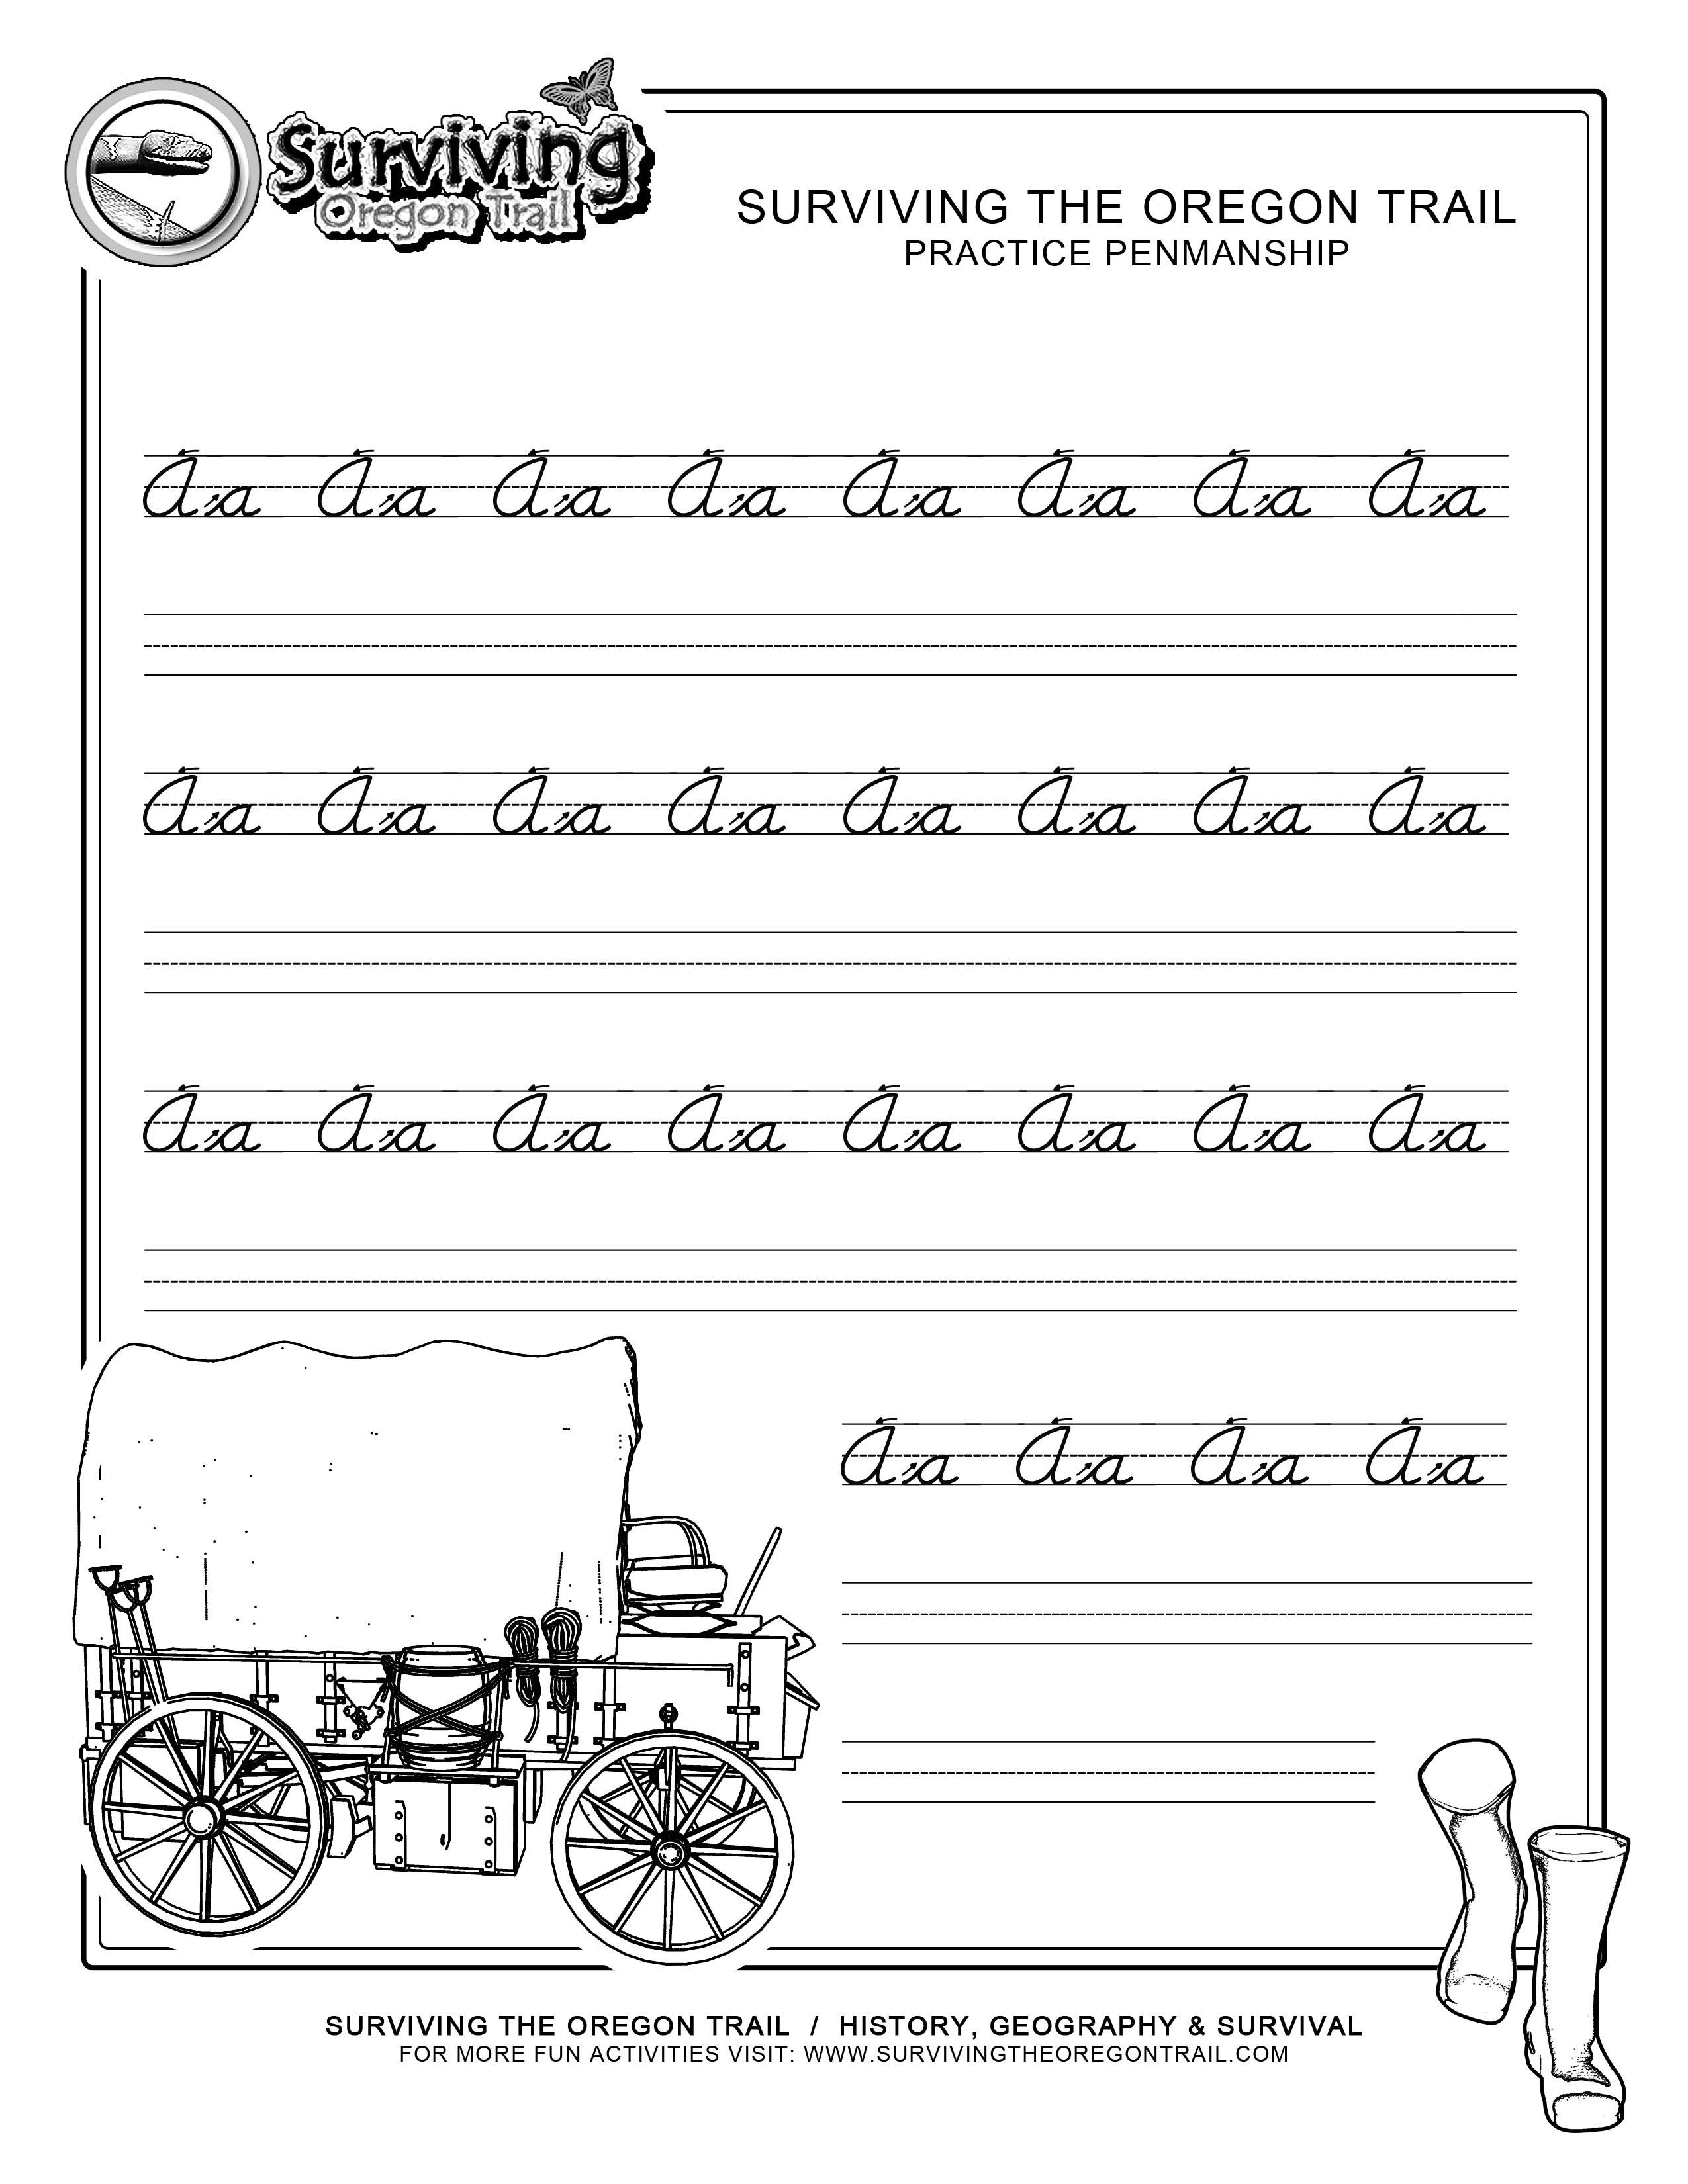 Free Printable Beginner Practice Cursive Worksheet – A A Only - Free Printable Cursive Worksheets